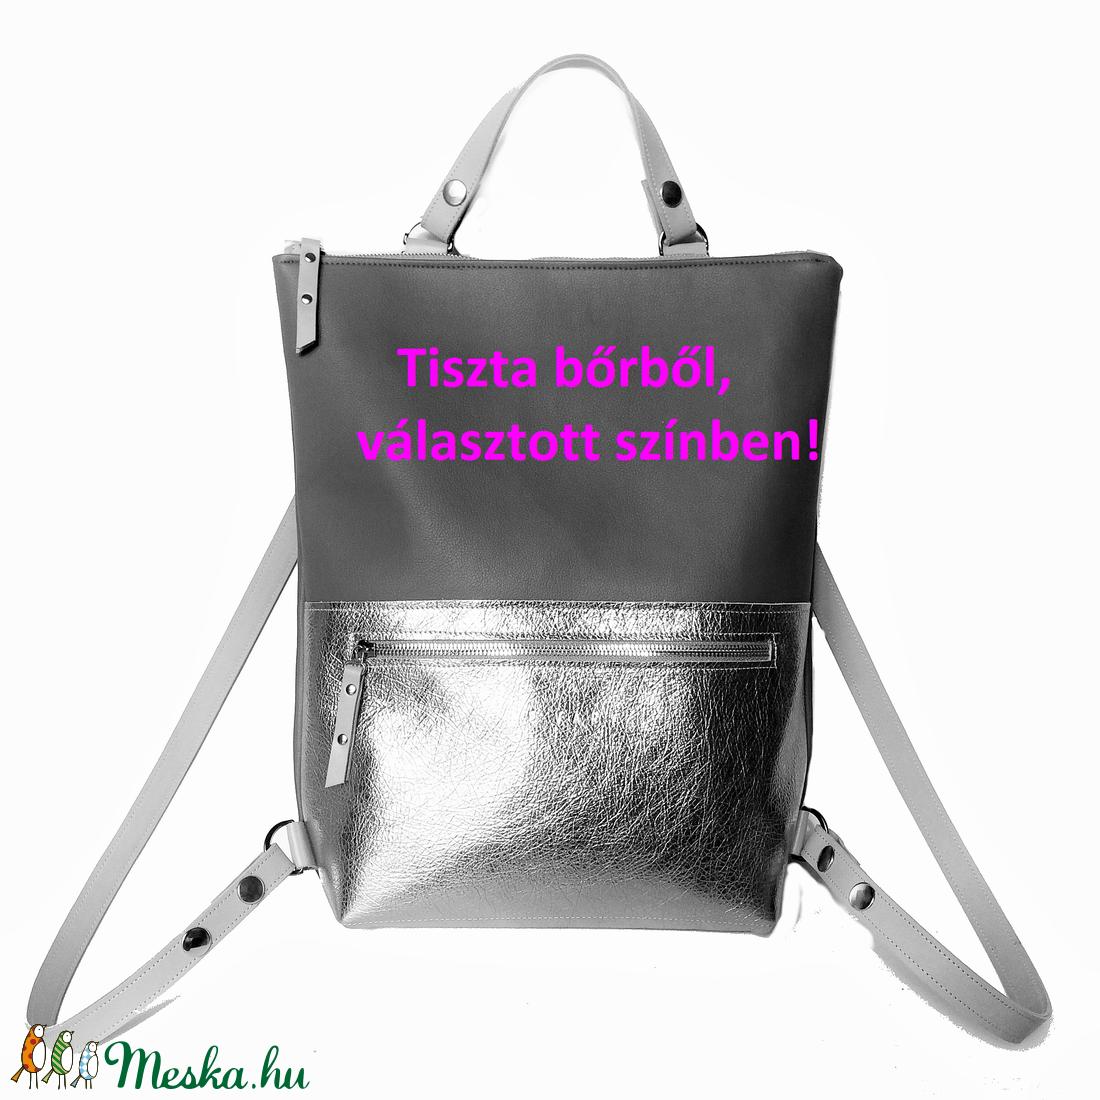 Tekla s hátizsák marhabőr választott színben rendelhető (hegymegigabi) -  Meska.hu 76bfcbfda3